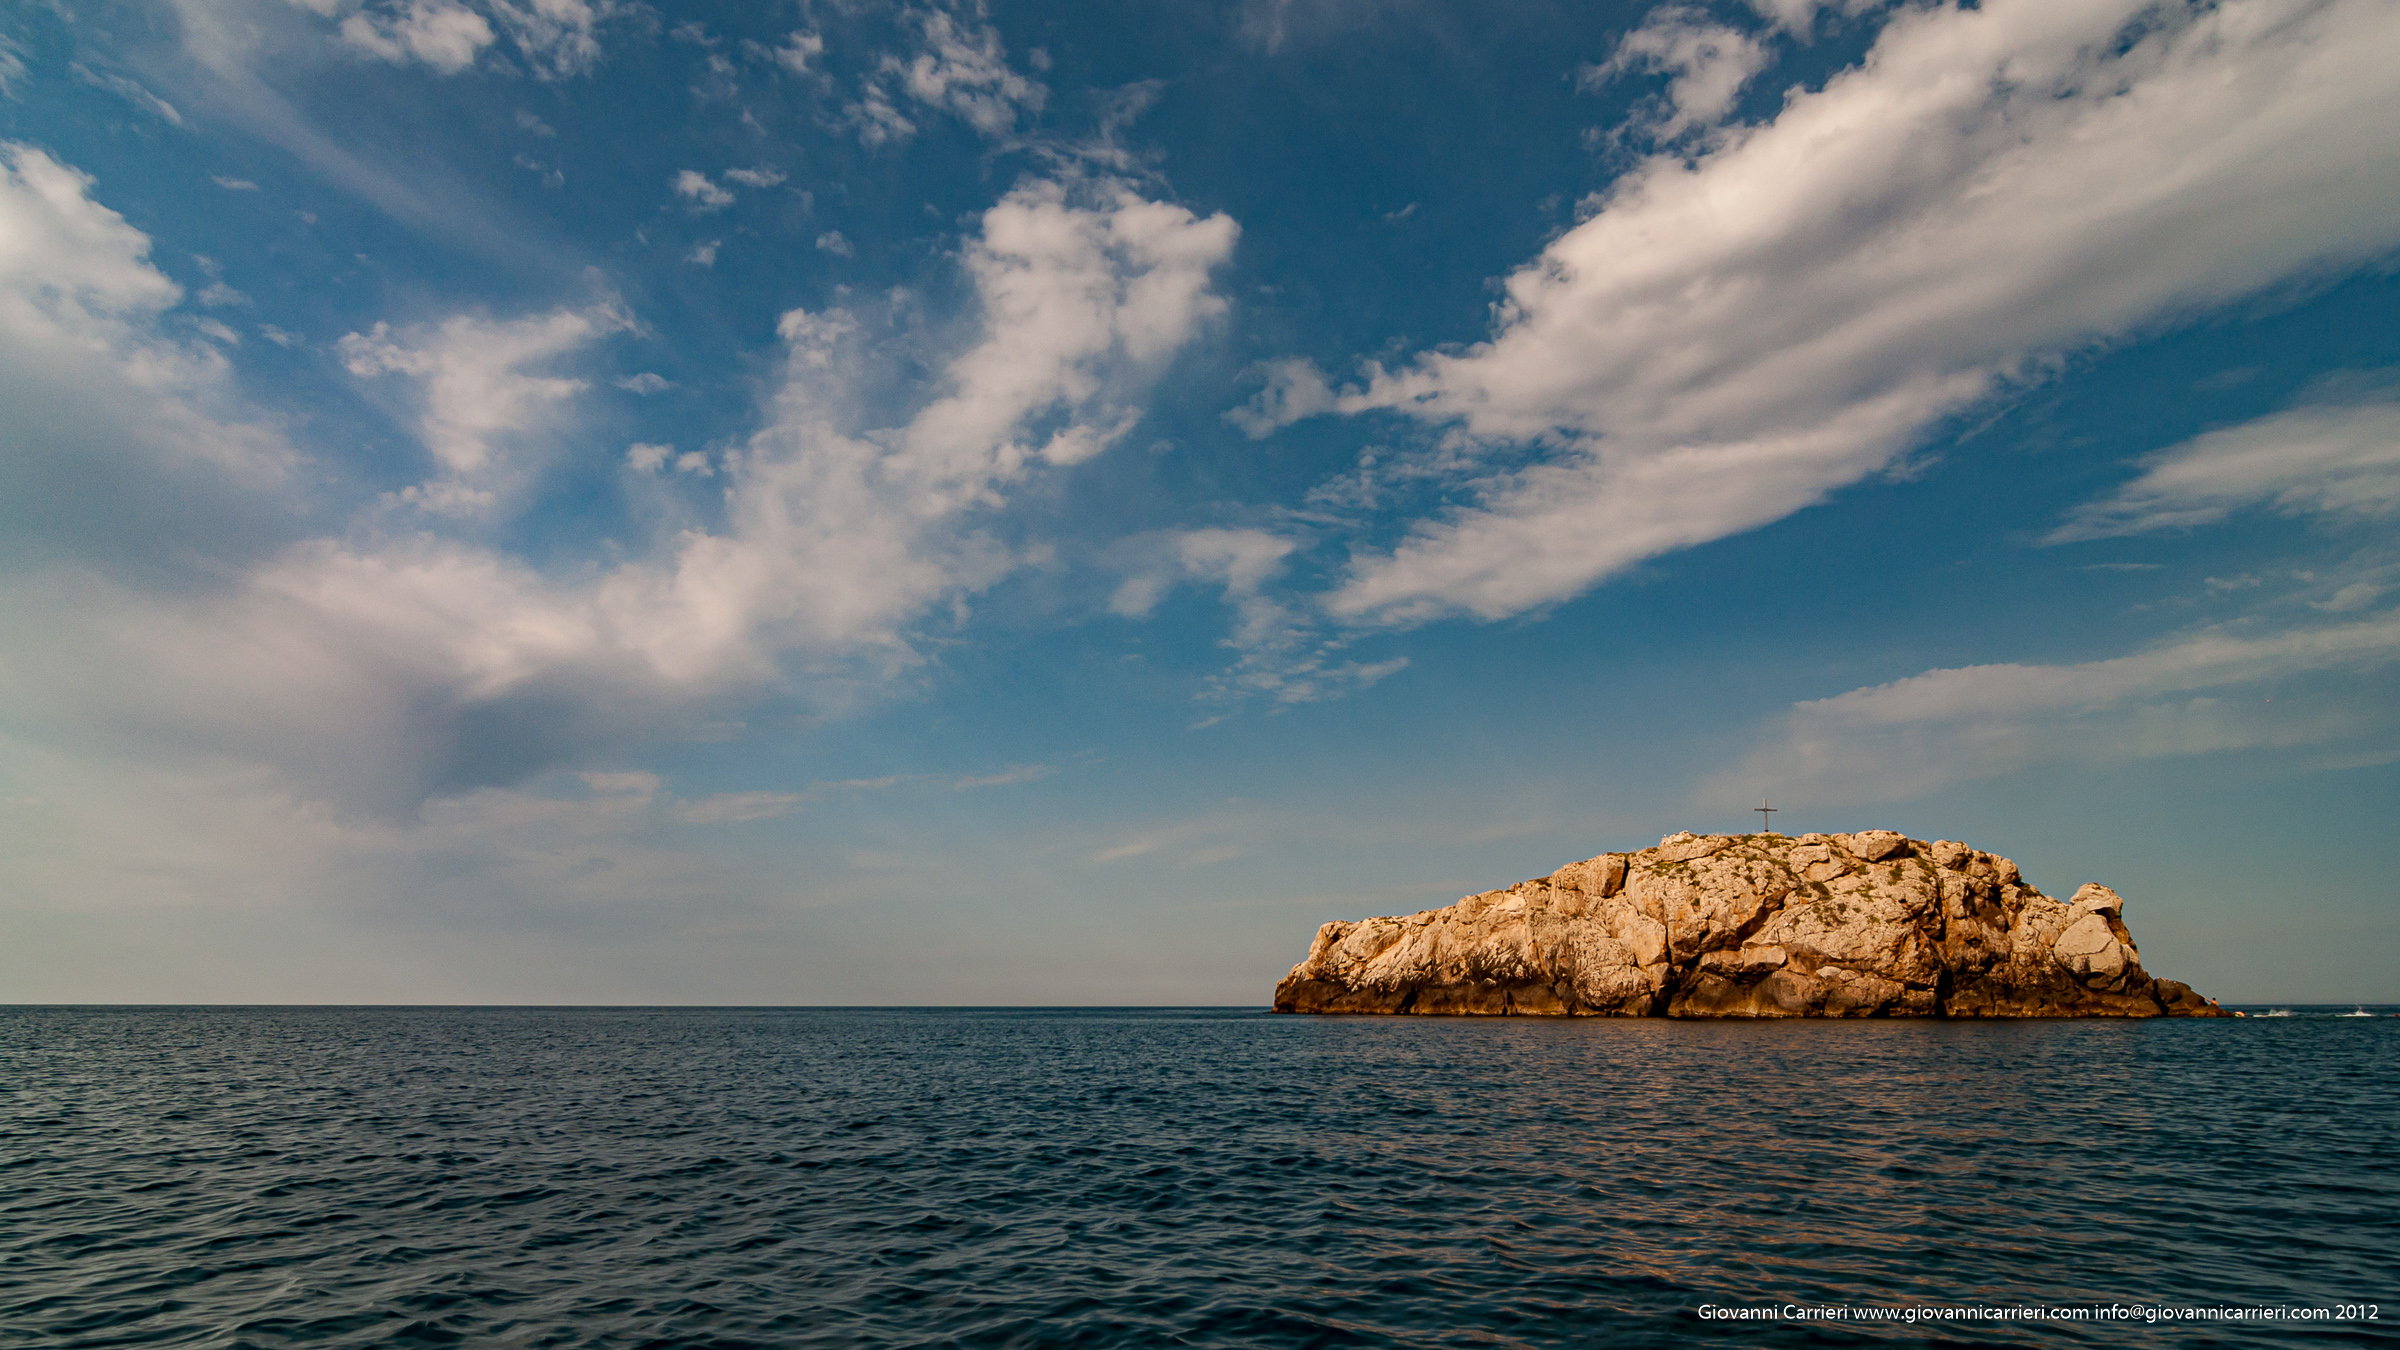 Scoglio dell'eremita - Polignano a mare